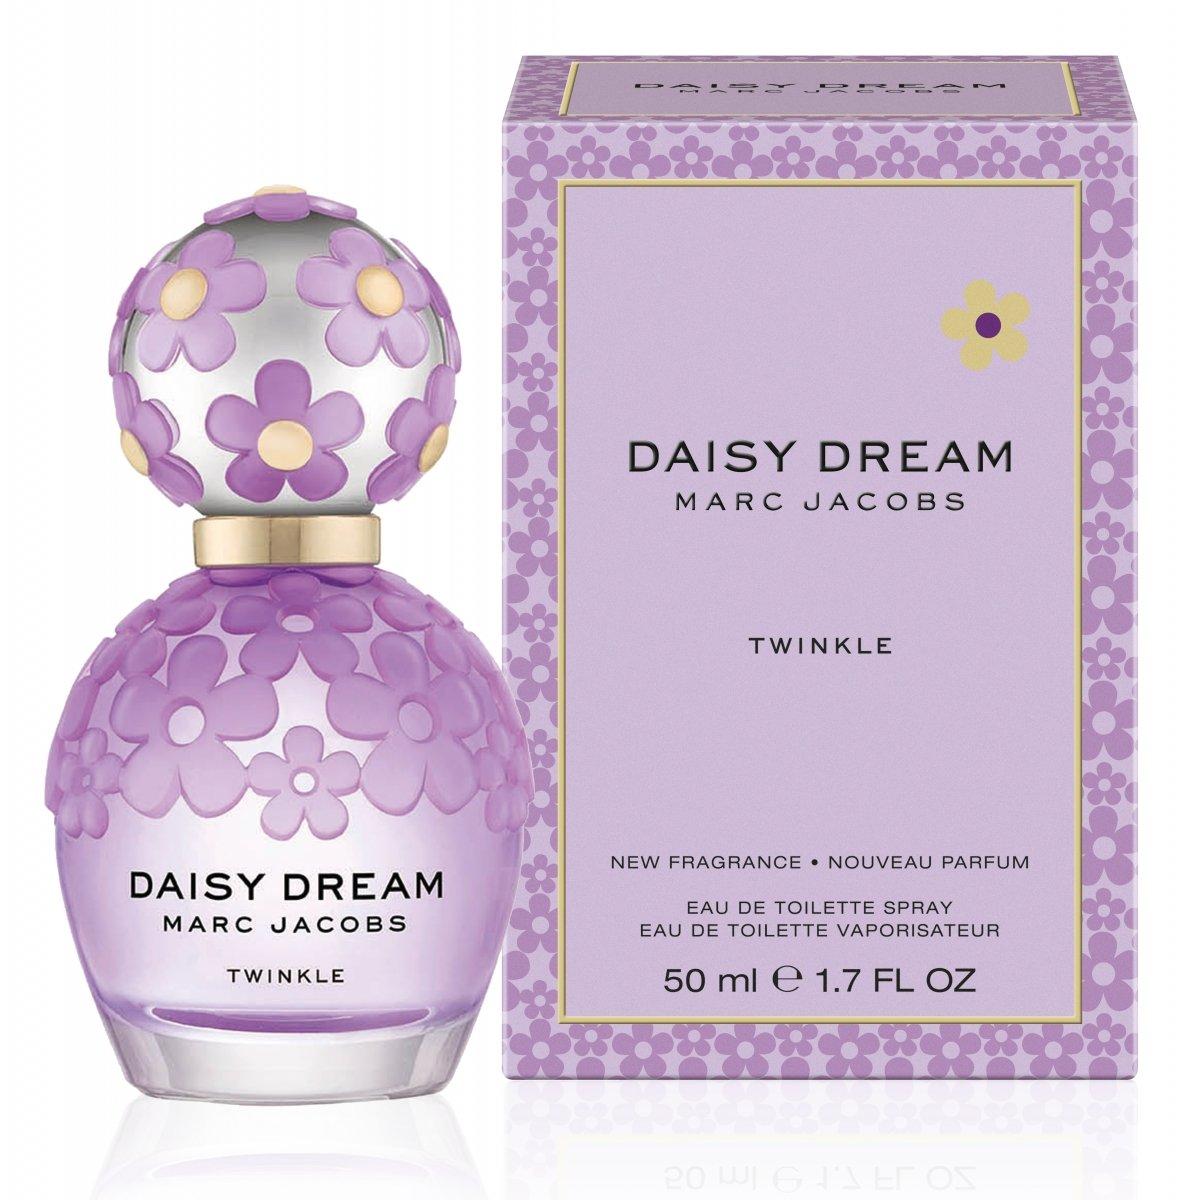 Marc Jacobs Daisy Dream Twinkle Edition Eau de Toilette 50ml